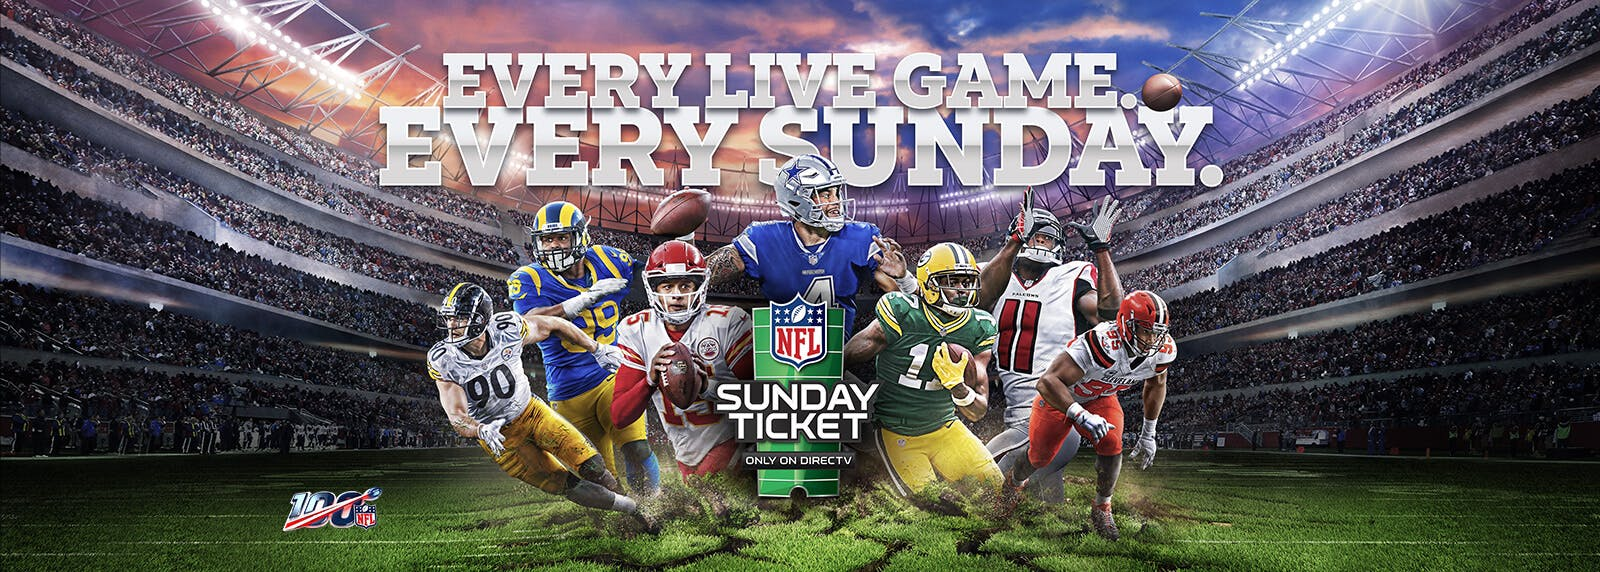 watch cowboys vs jets live stream nfl sunday ticket